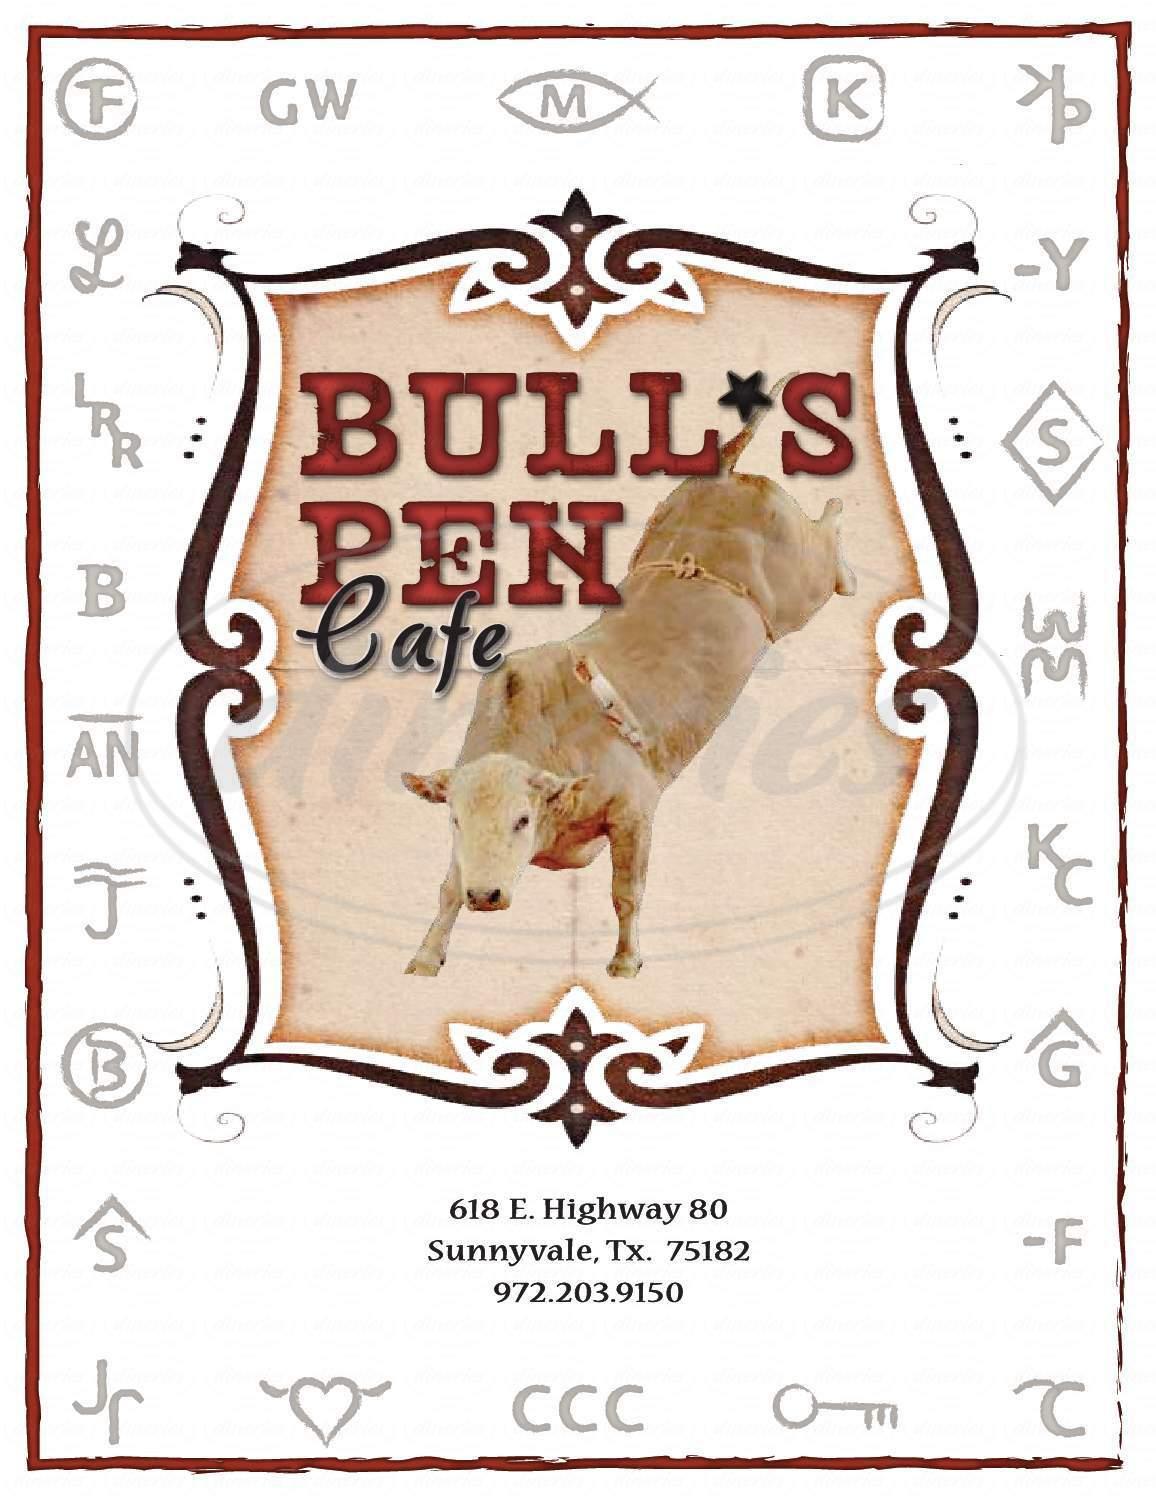 menu for Bull's Pen Cafe